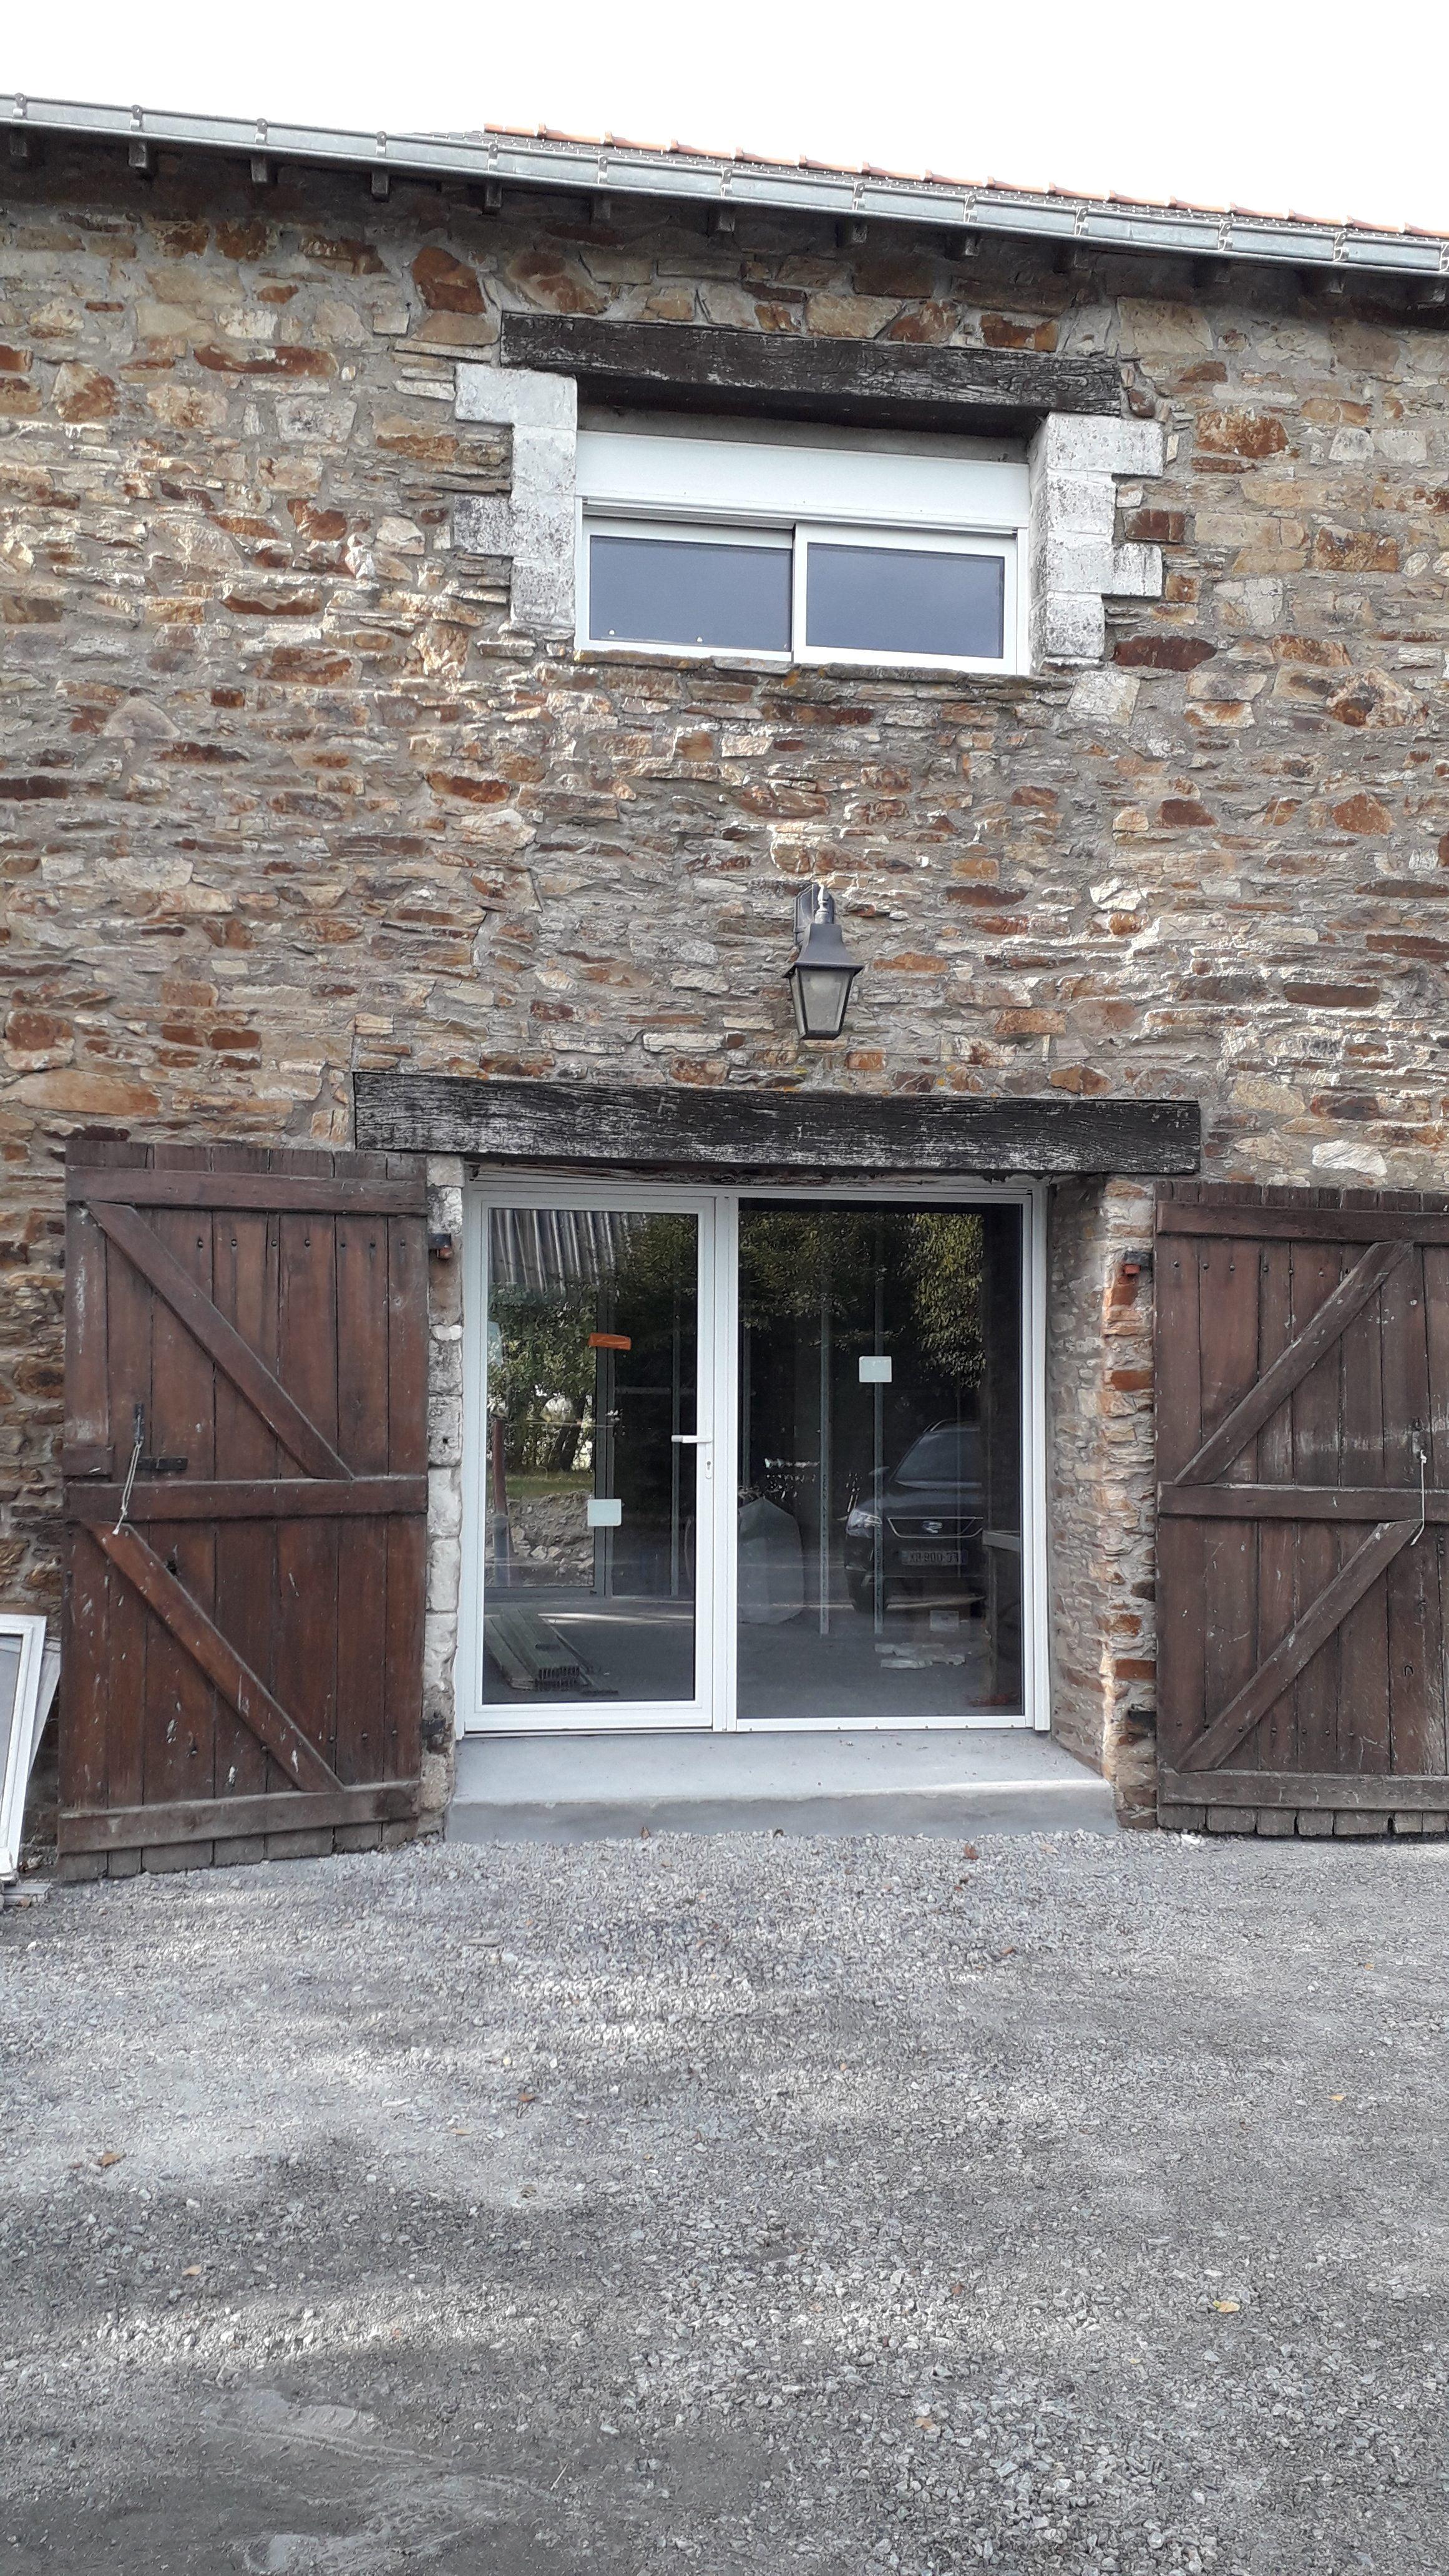 Gîte pour vacances en famille entre Nantes et Nort sur Erdre